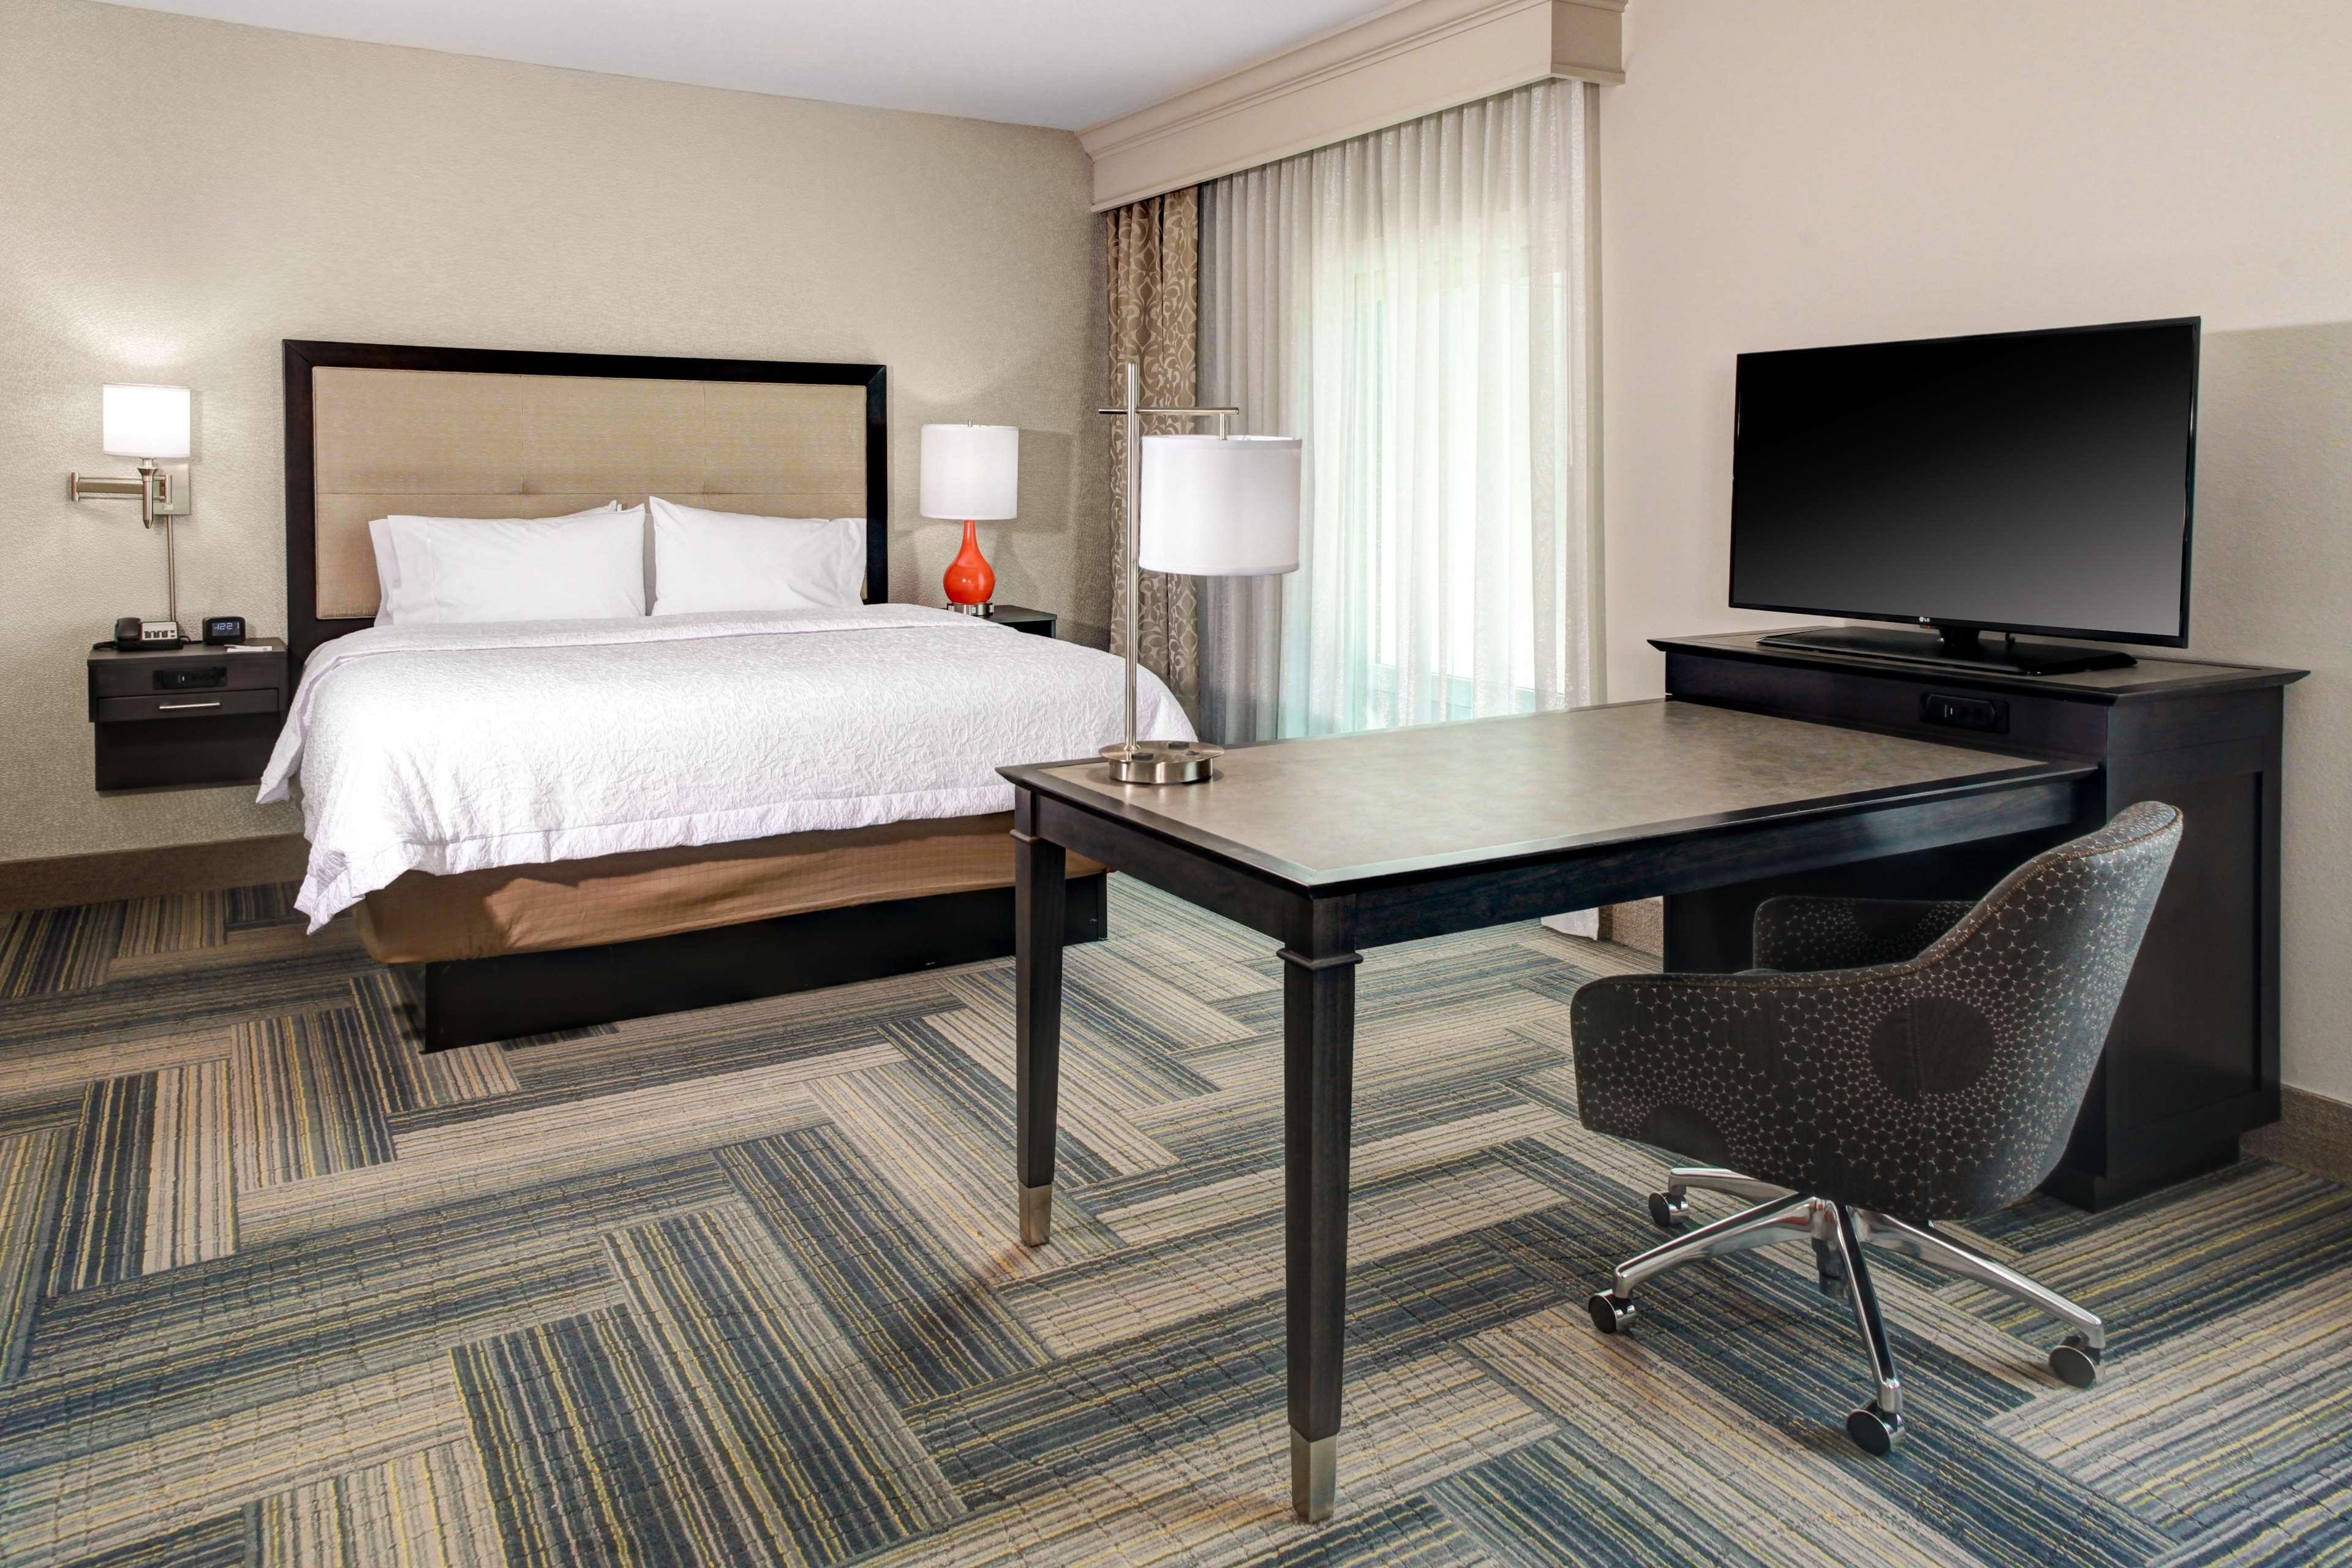 Hampton Inn & Suites by Hilton Atlanta Perimeter Dunwoody image 10